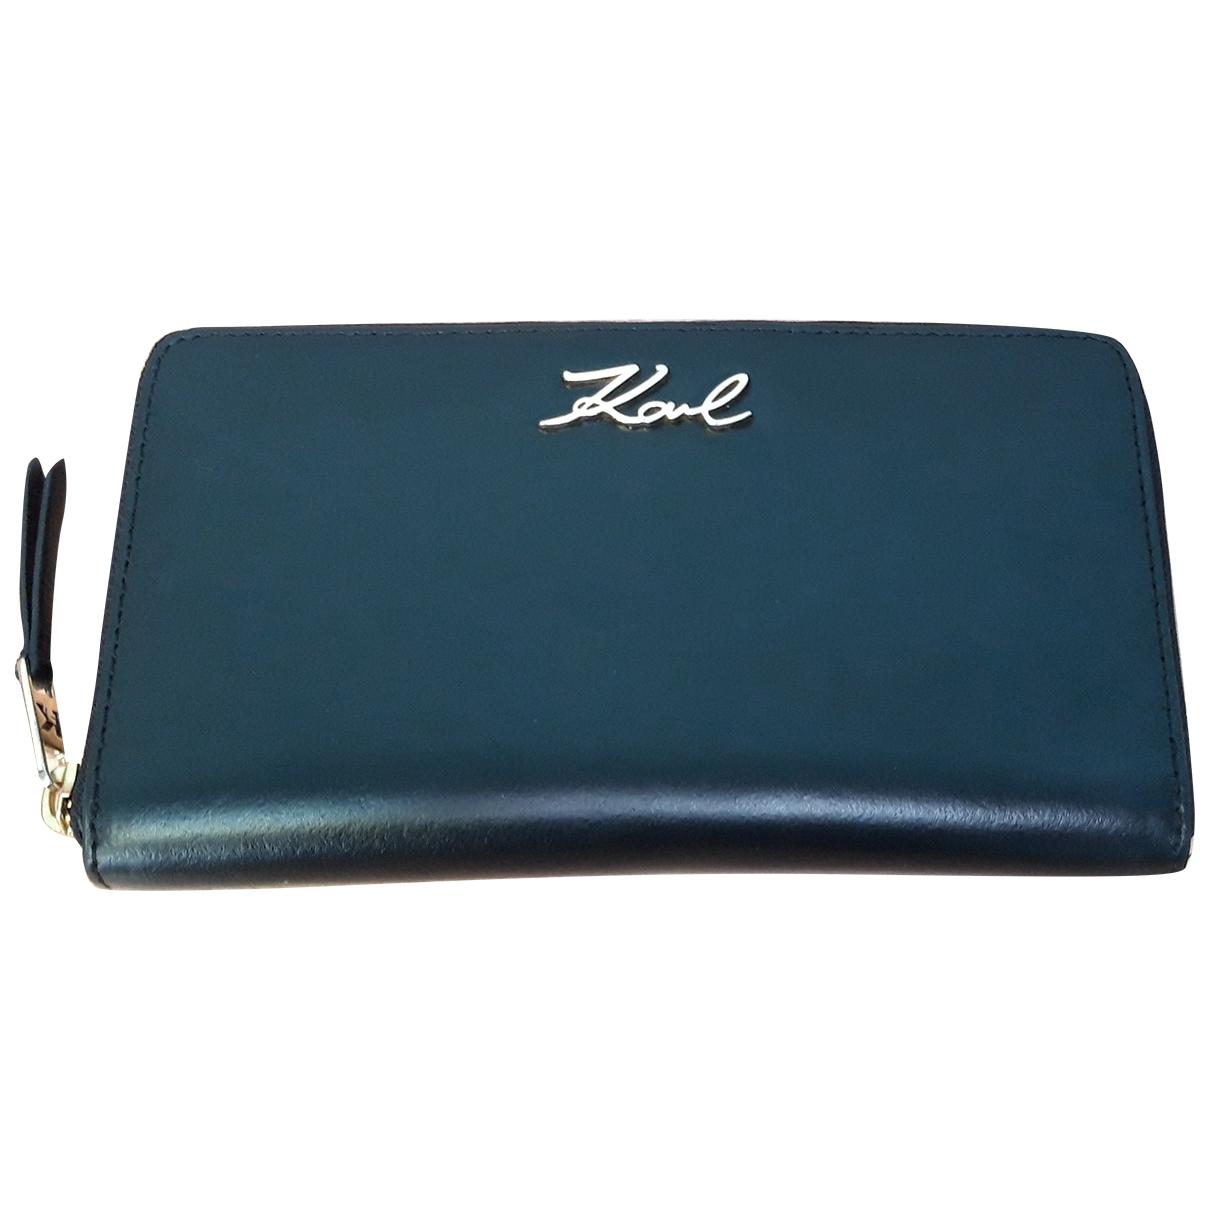 Karl \N Black Leather wallet for Women \N